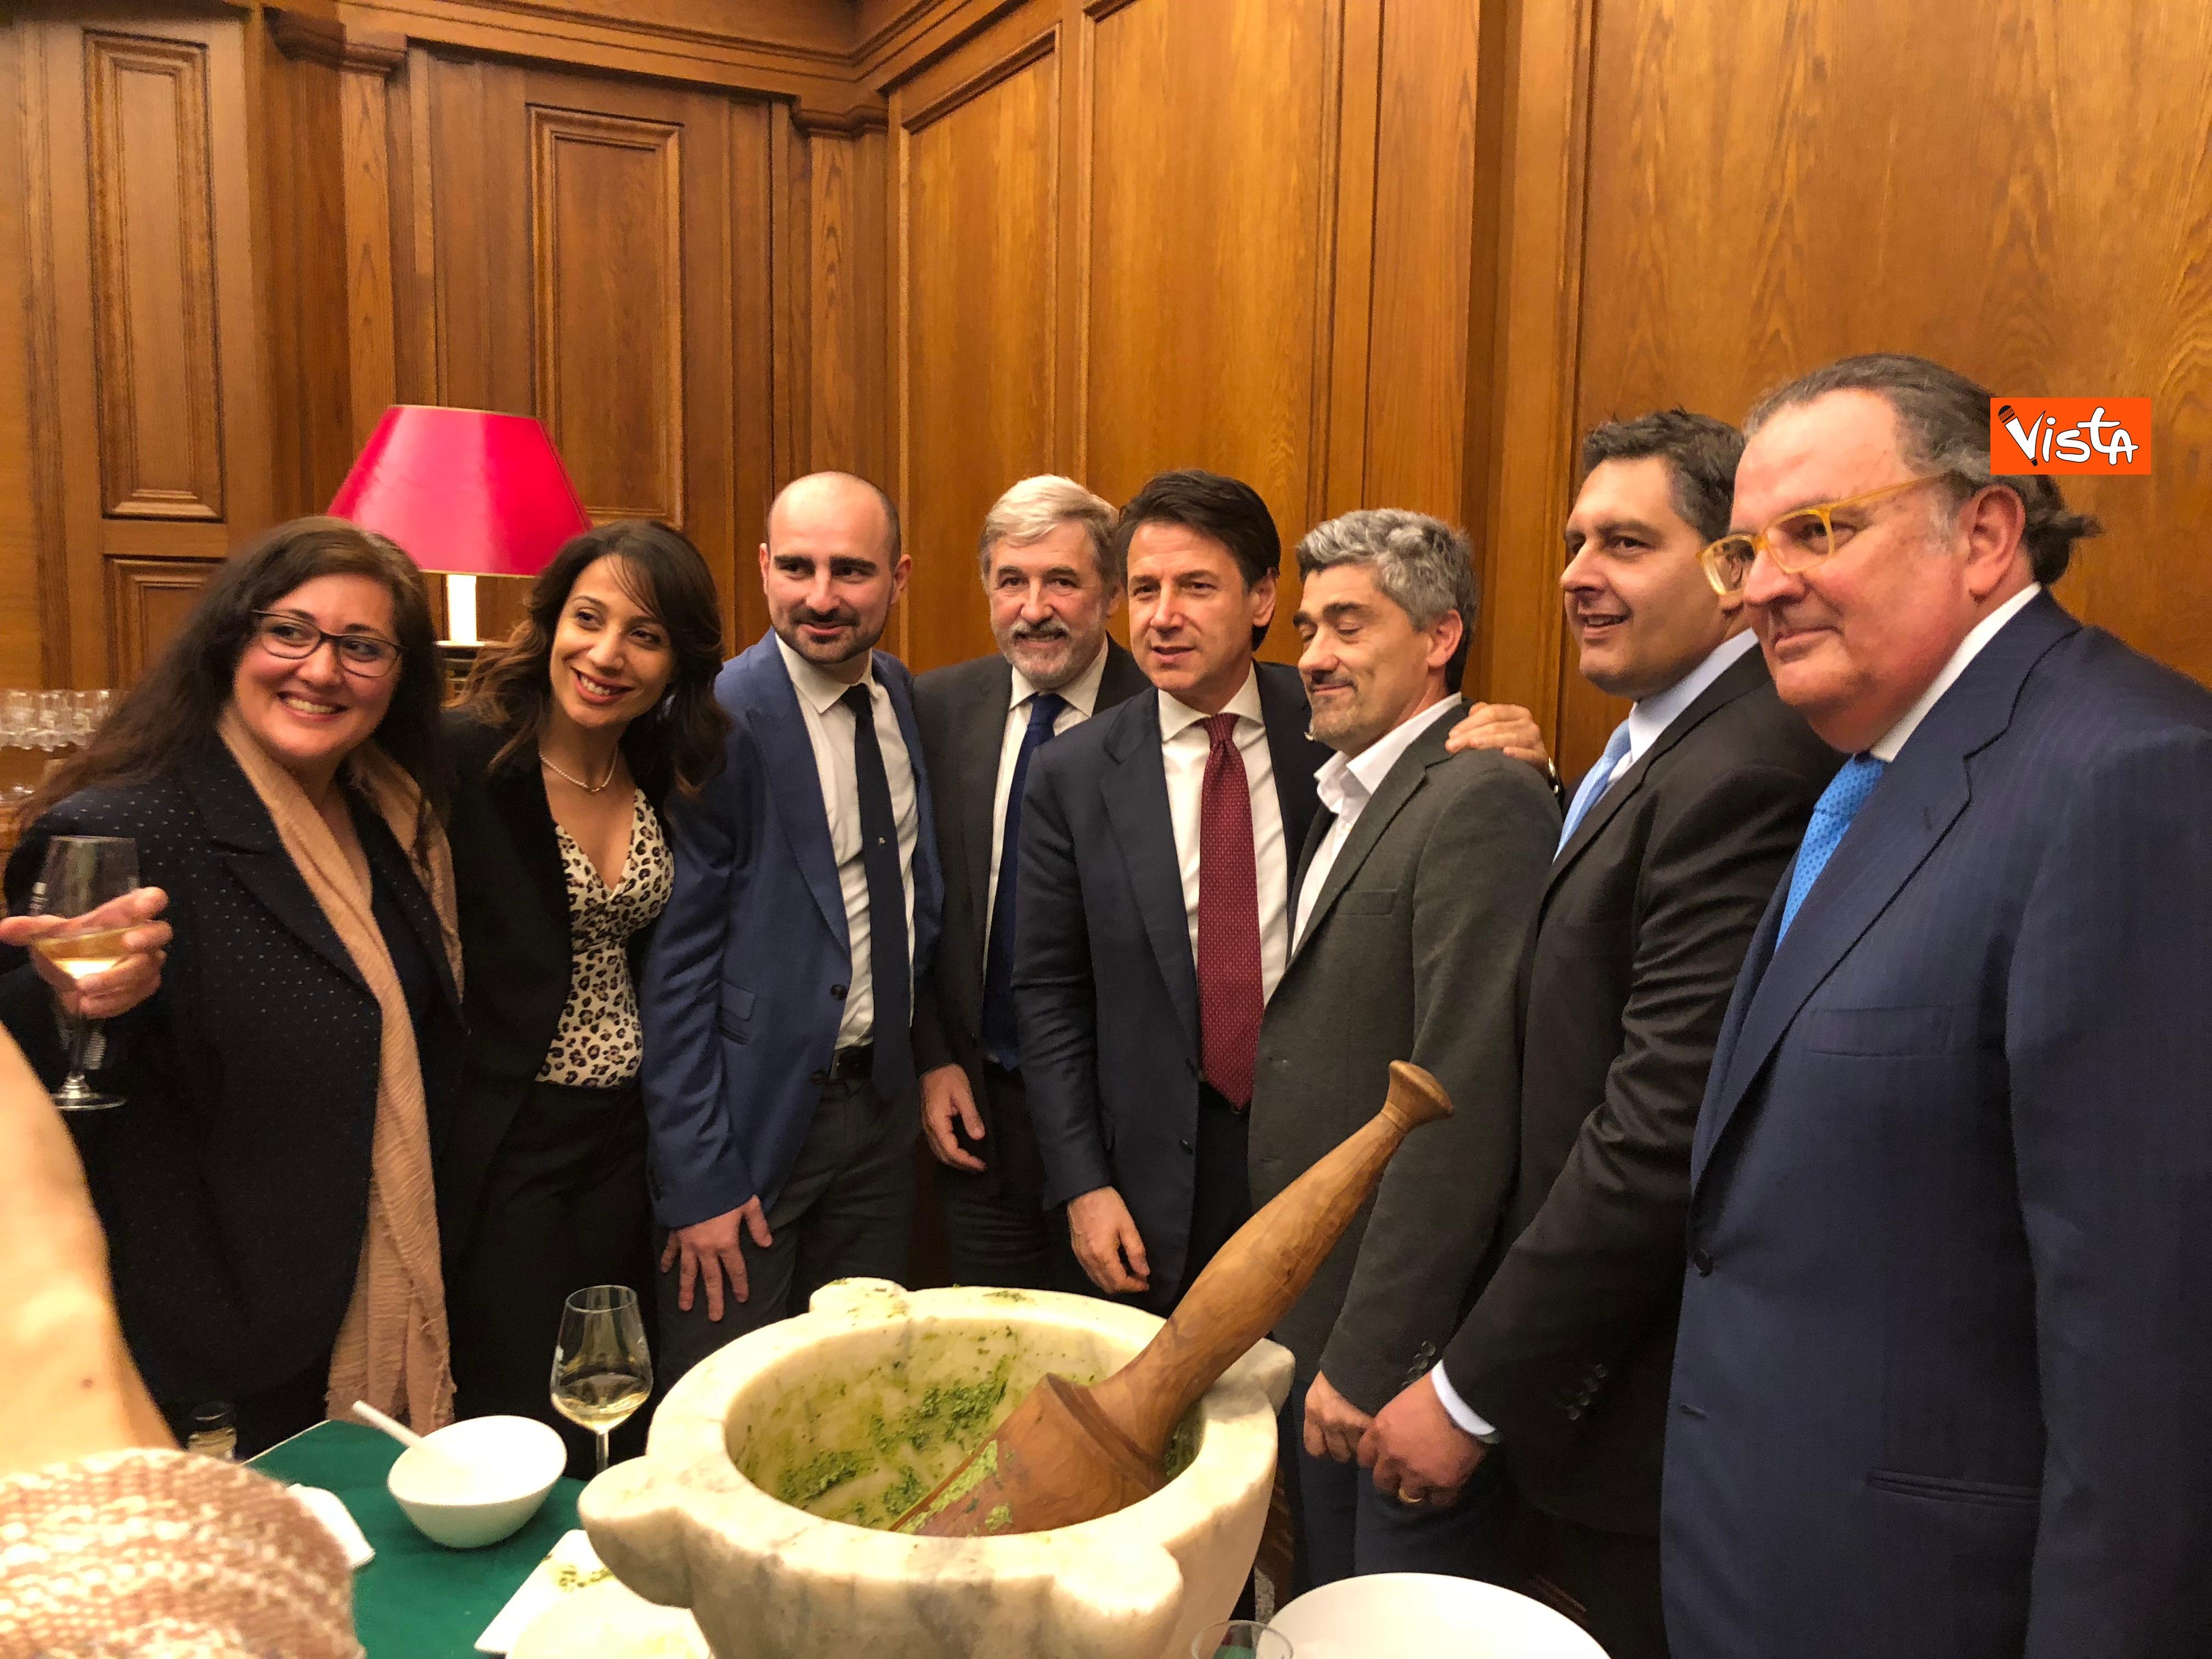 16-04-19 Il patto del pesto Conte Salvini e Toti mangiano le trofie a Montecitorio_09